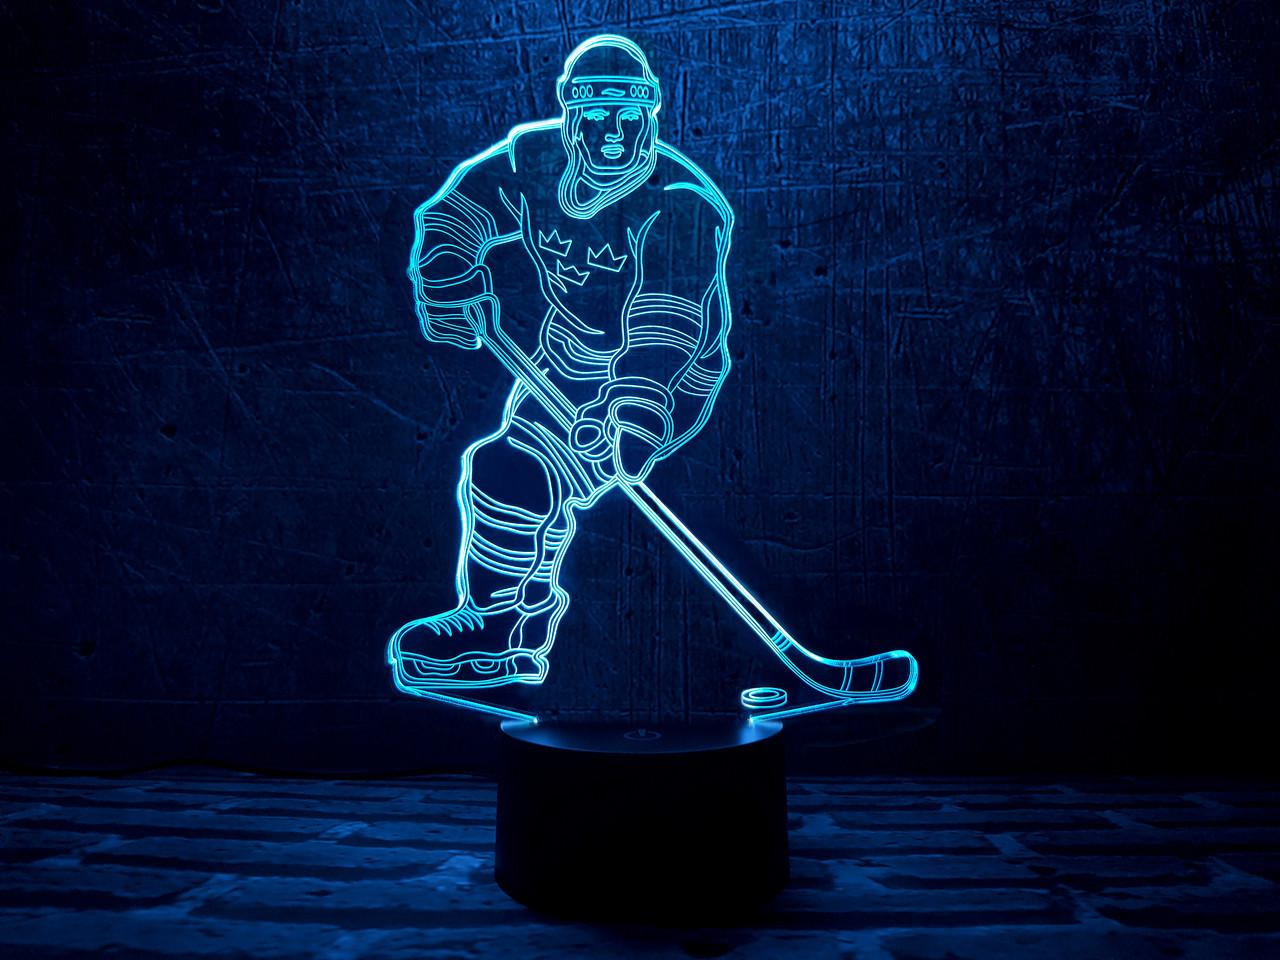 """Сменная пластина для 3D ламп """"Хоккеист"""" 3DTOYSLAMP"""